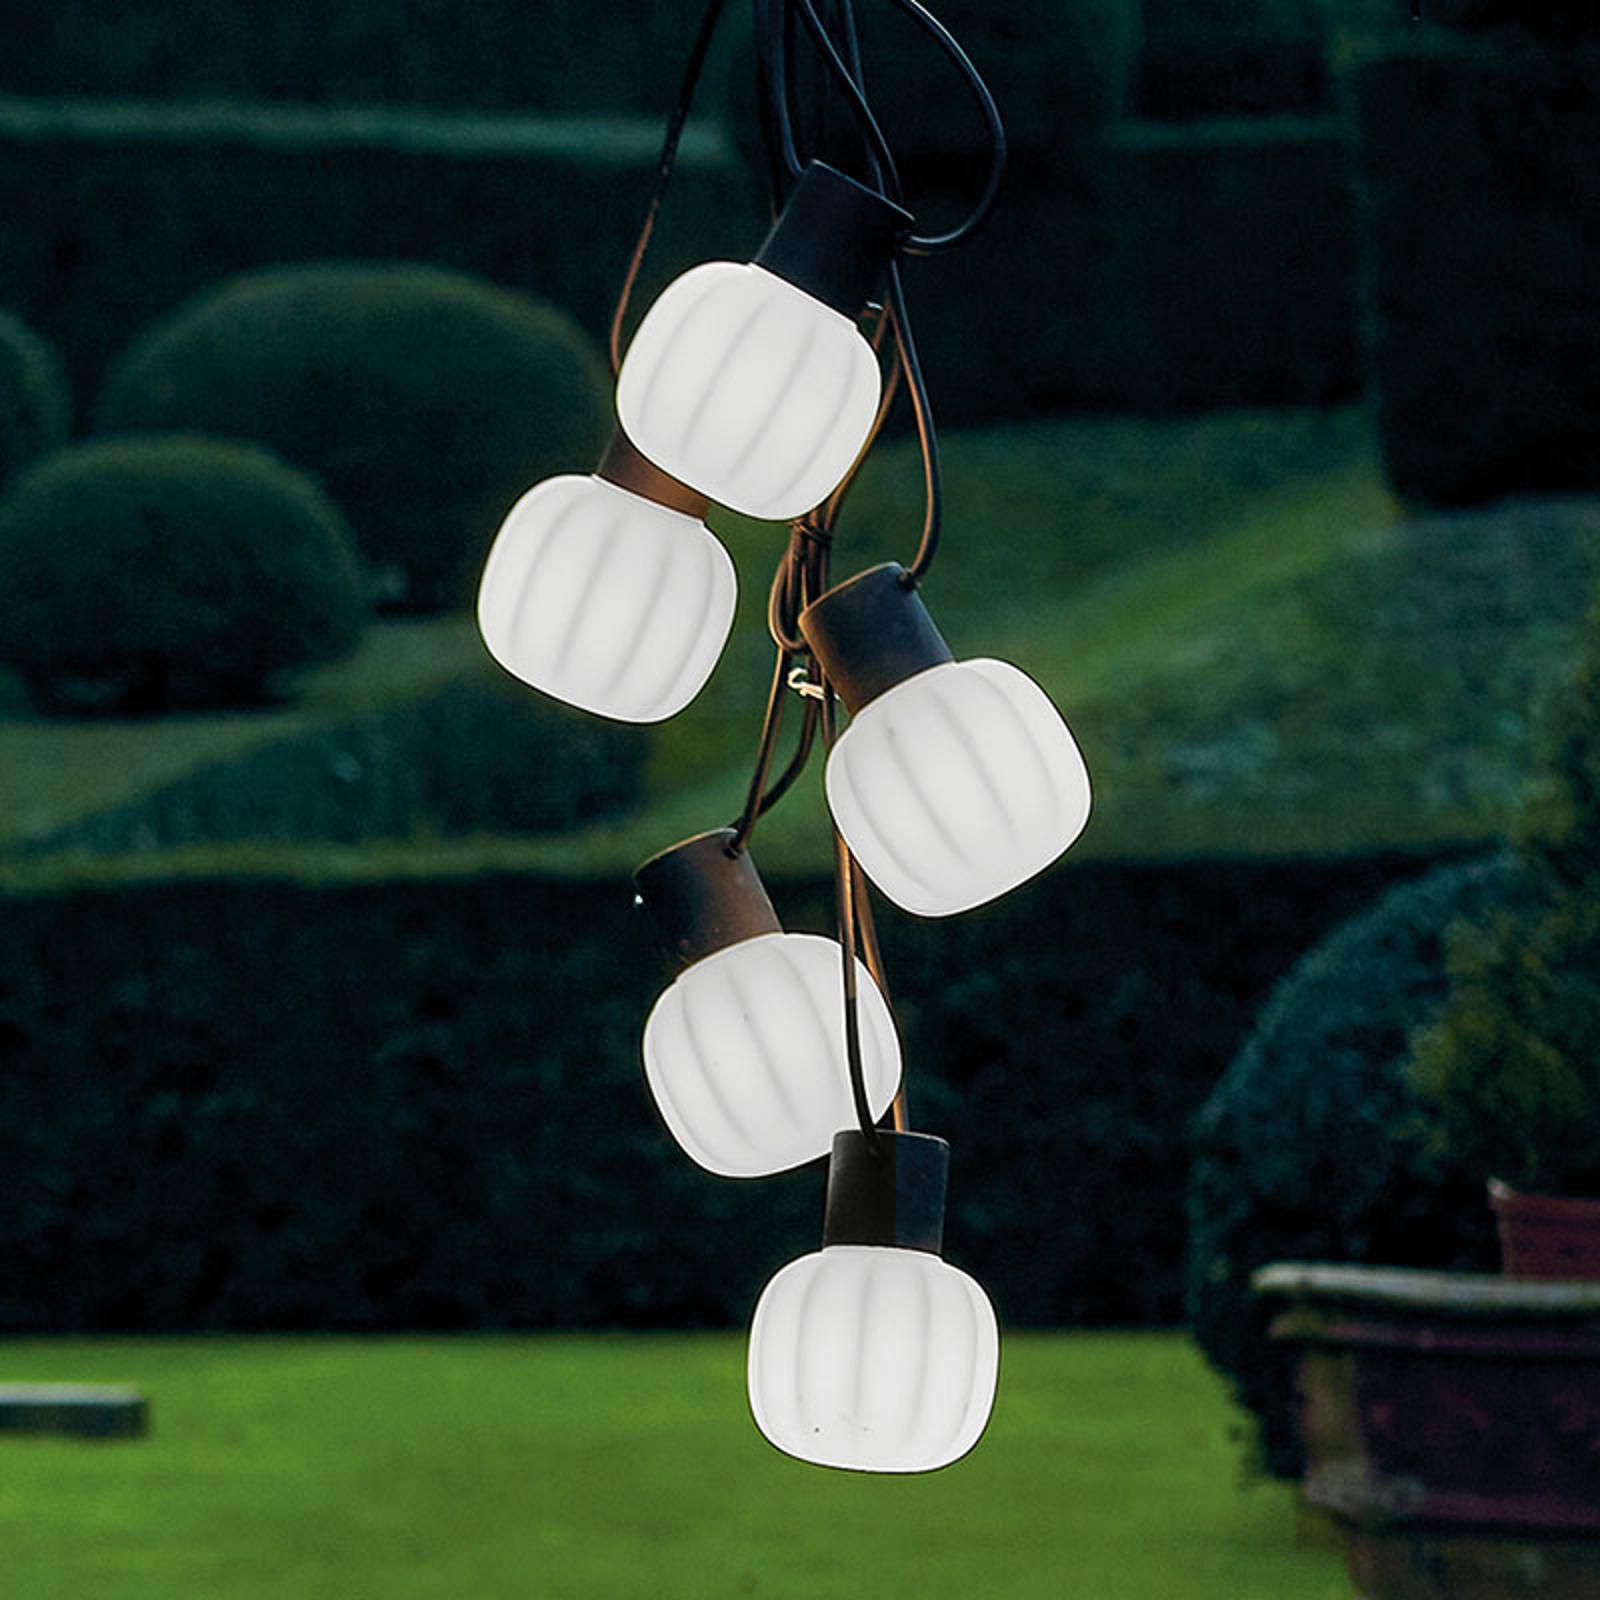 Martinelli Luce Kiki Außen-Lichterkette 5-flammig